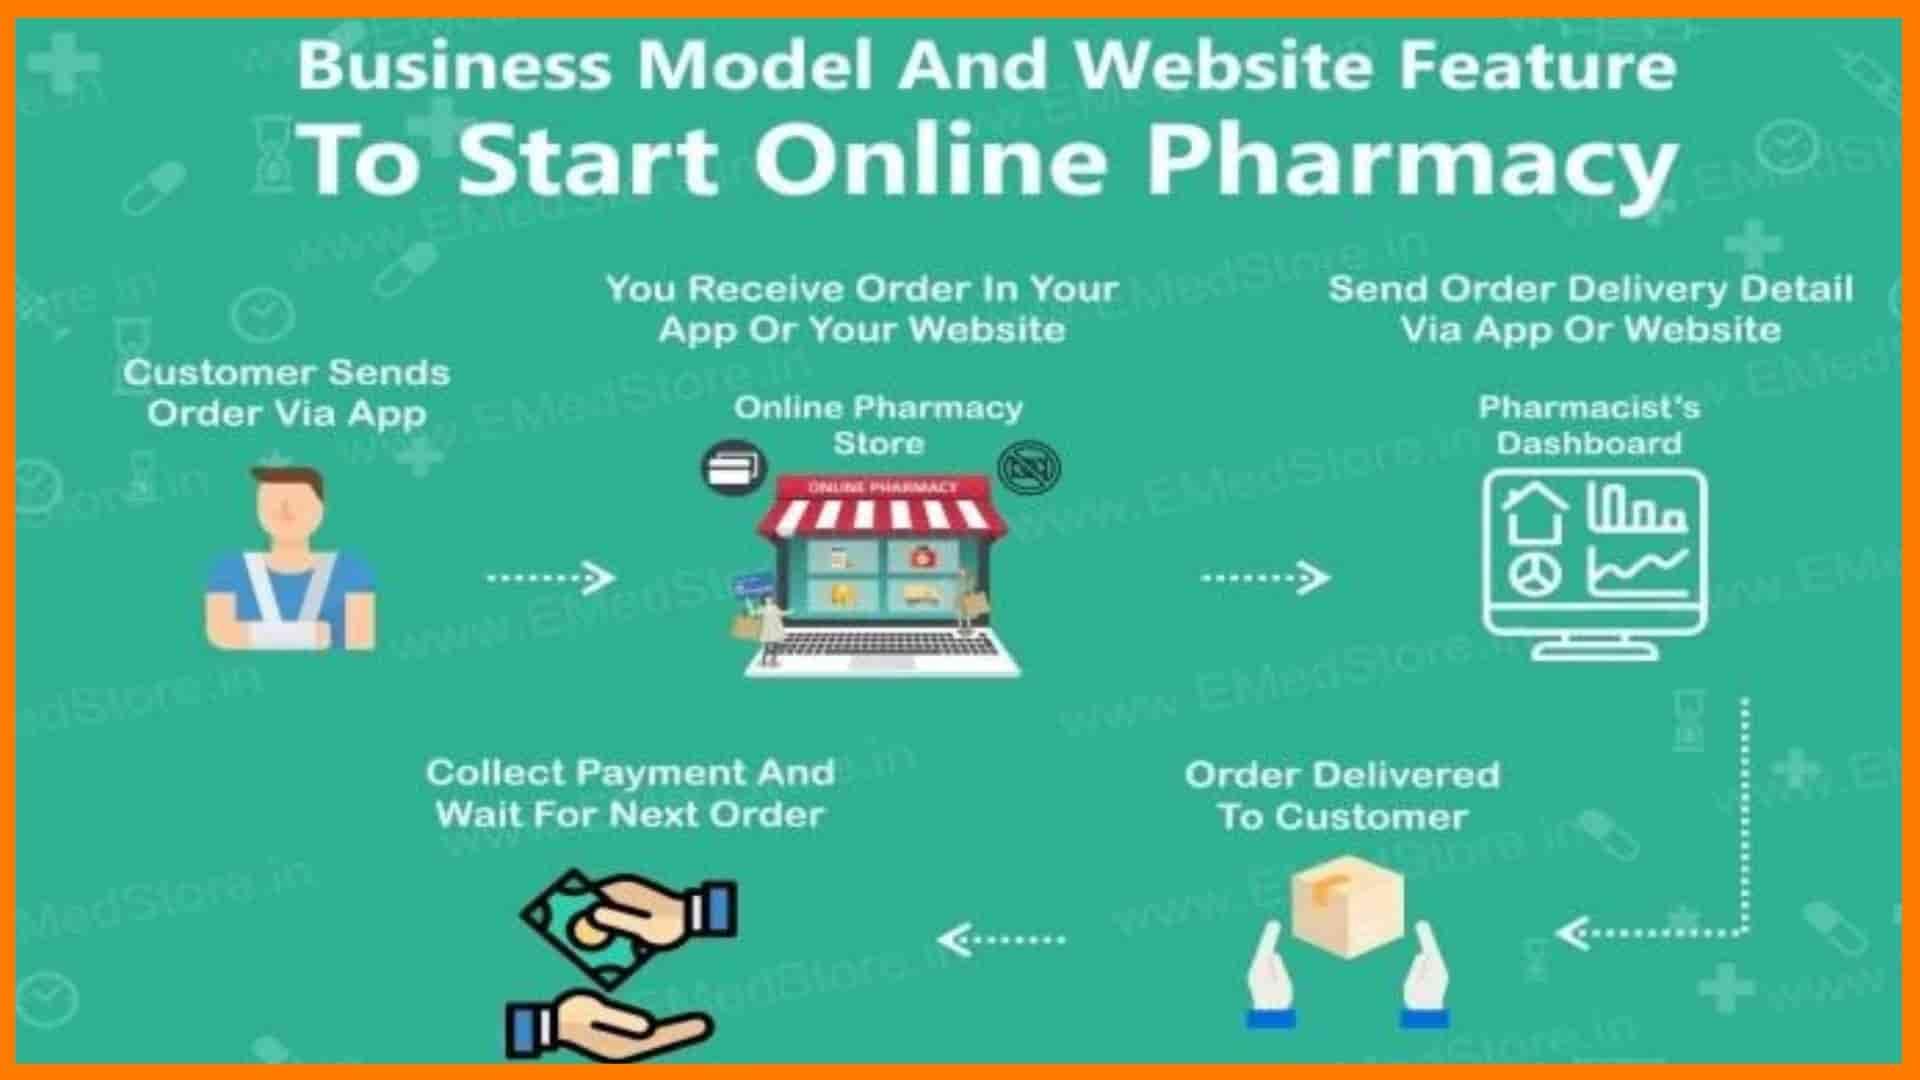 How To Start Online Pharmacy